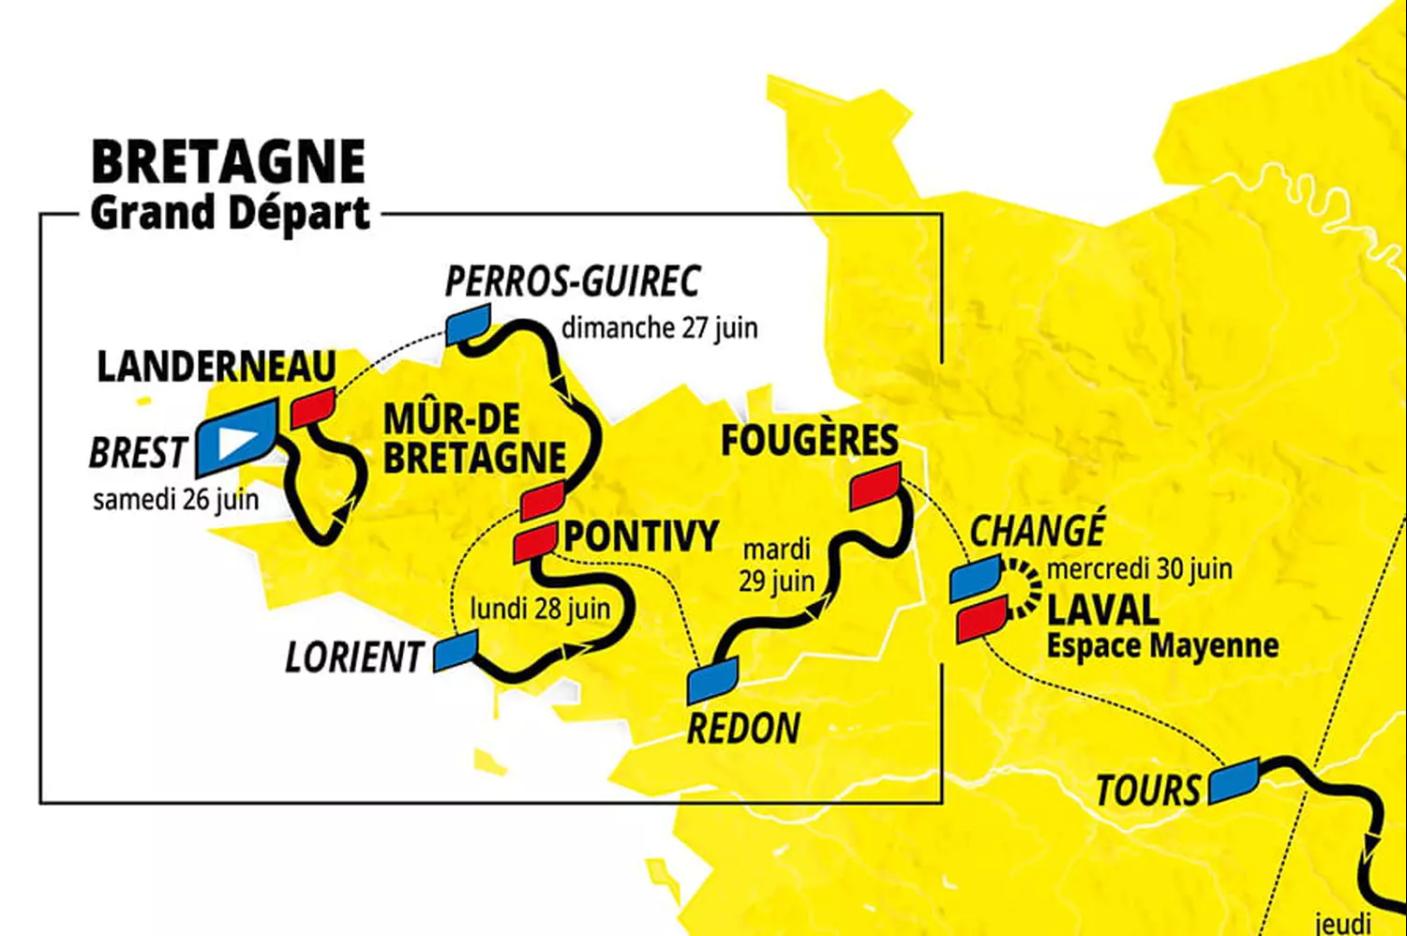 Tour de france 2021 BRETAGNE